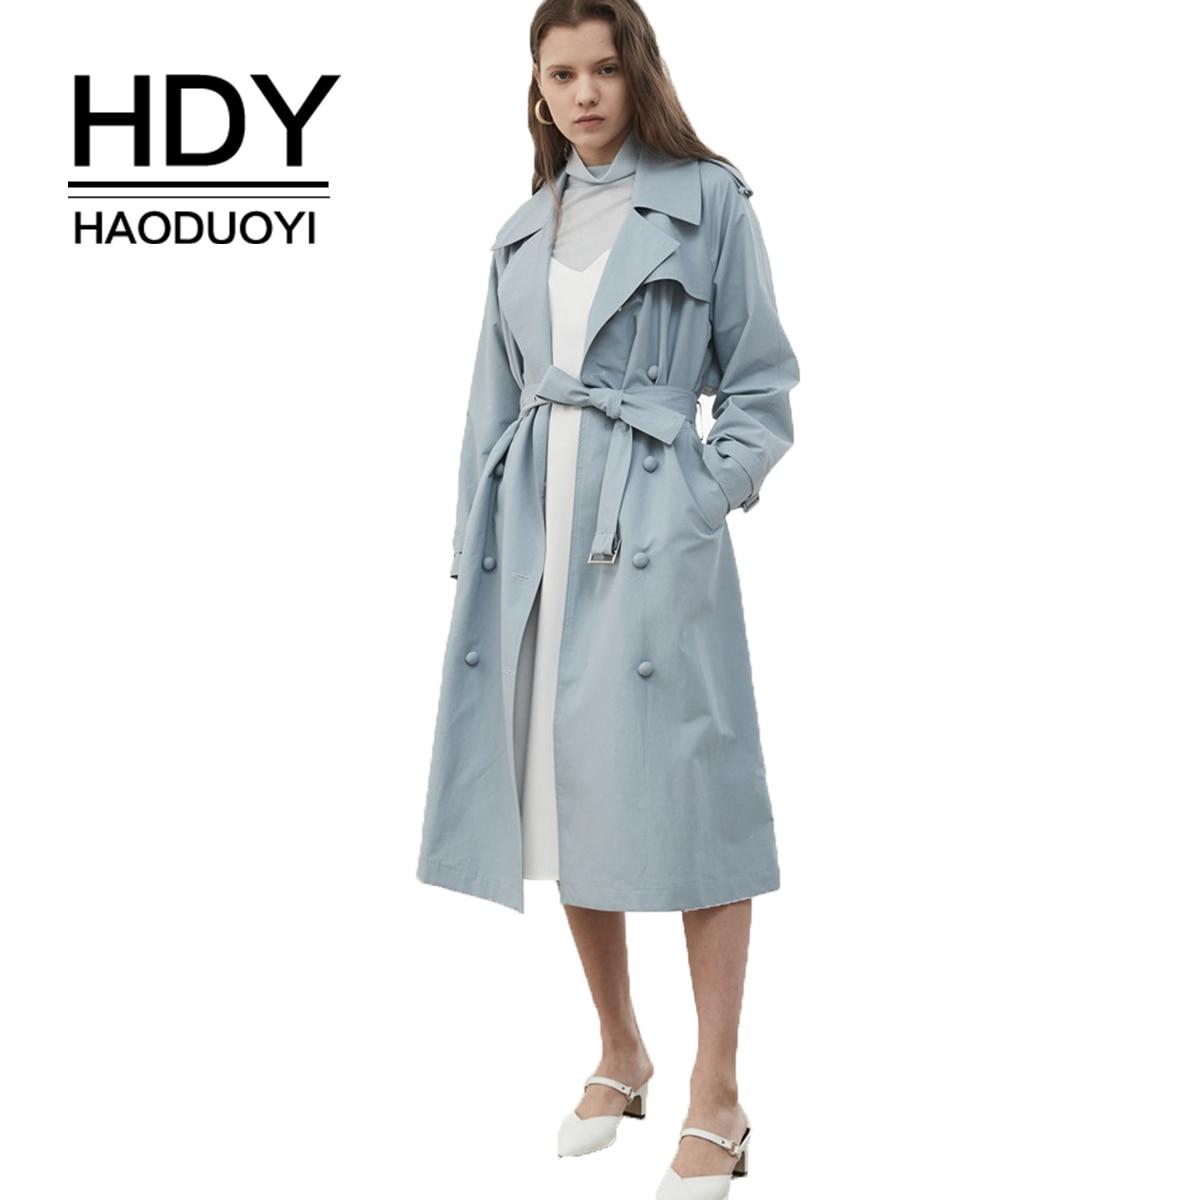 HDY Haoduoyi femmes décontracté couleur unie Double boutonnage Outwear ceintures bureau manteau Chic Epaulet Design Long Trench manteau automne